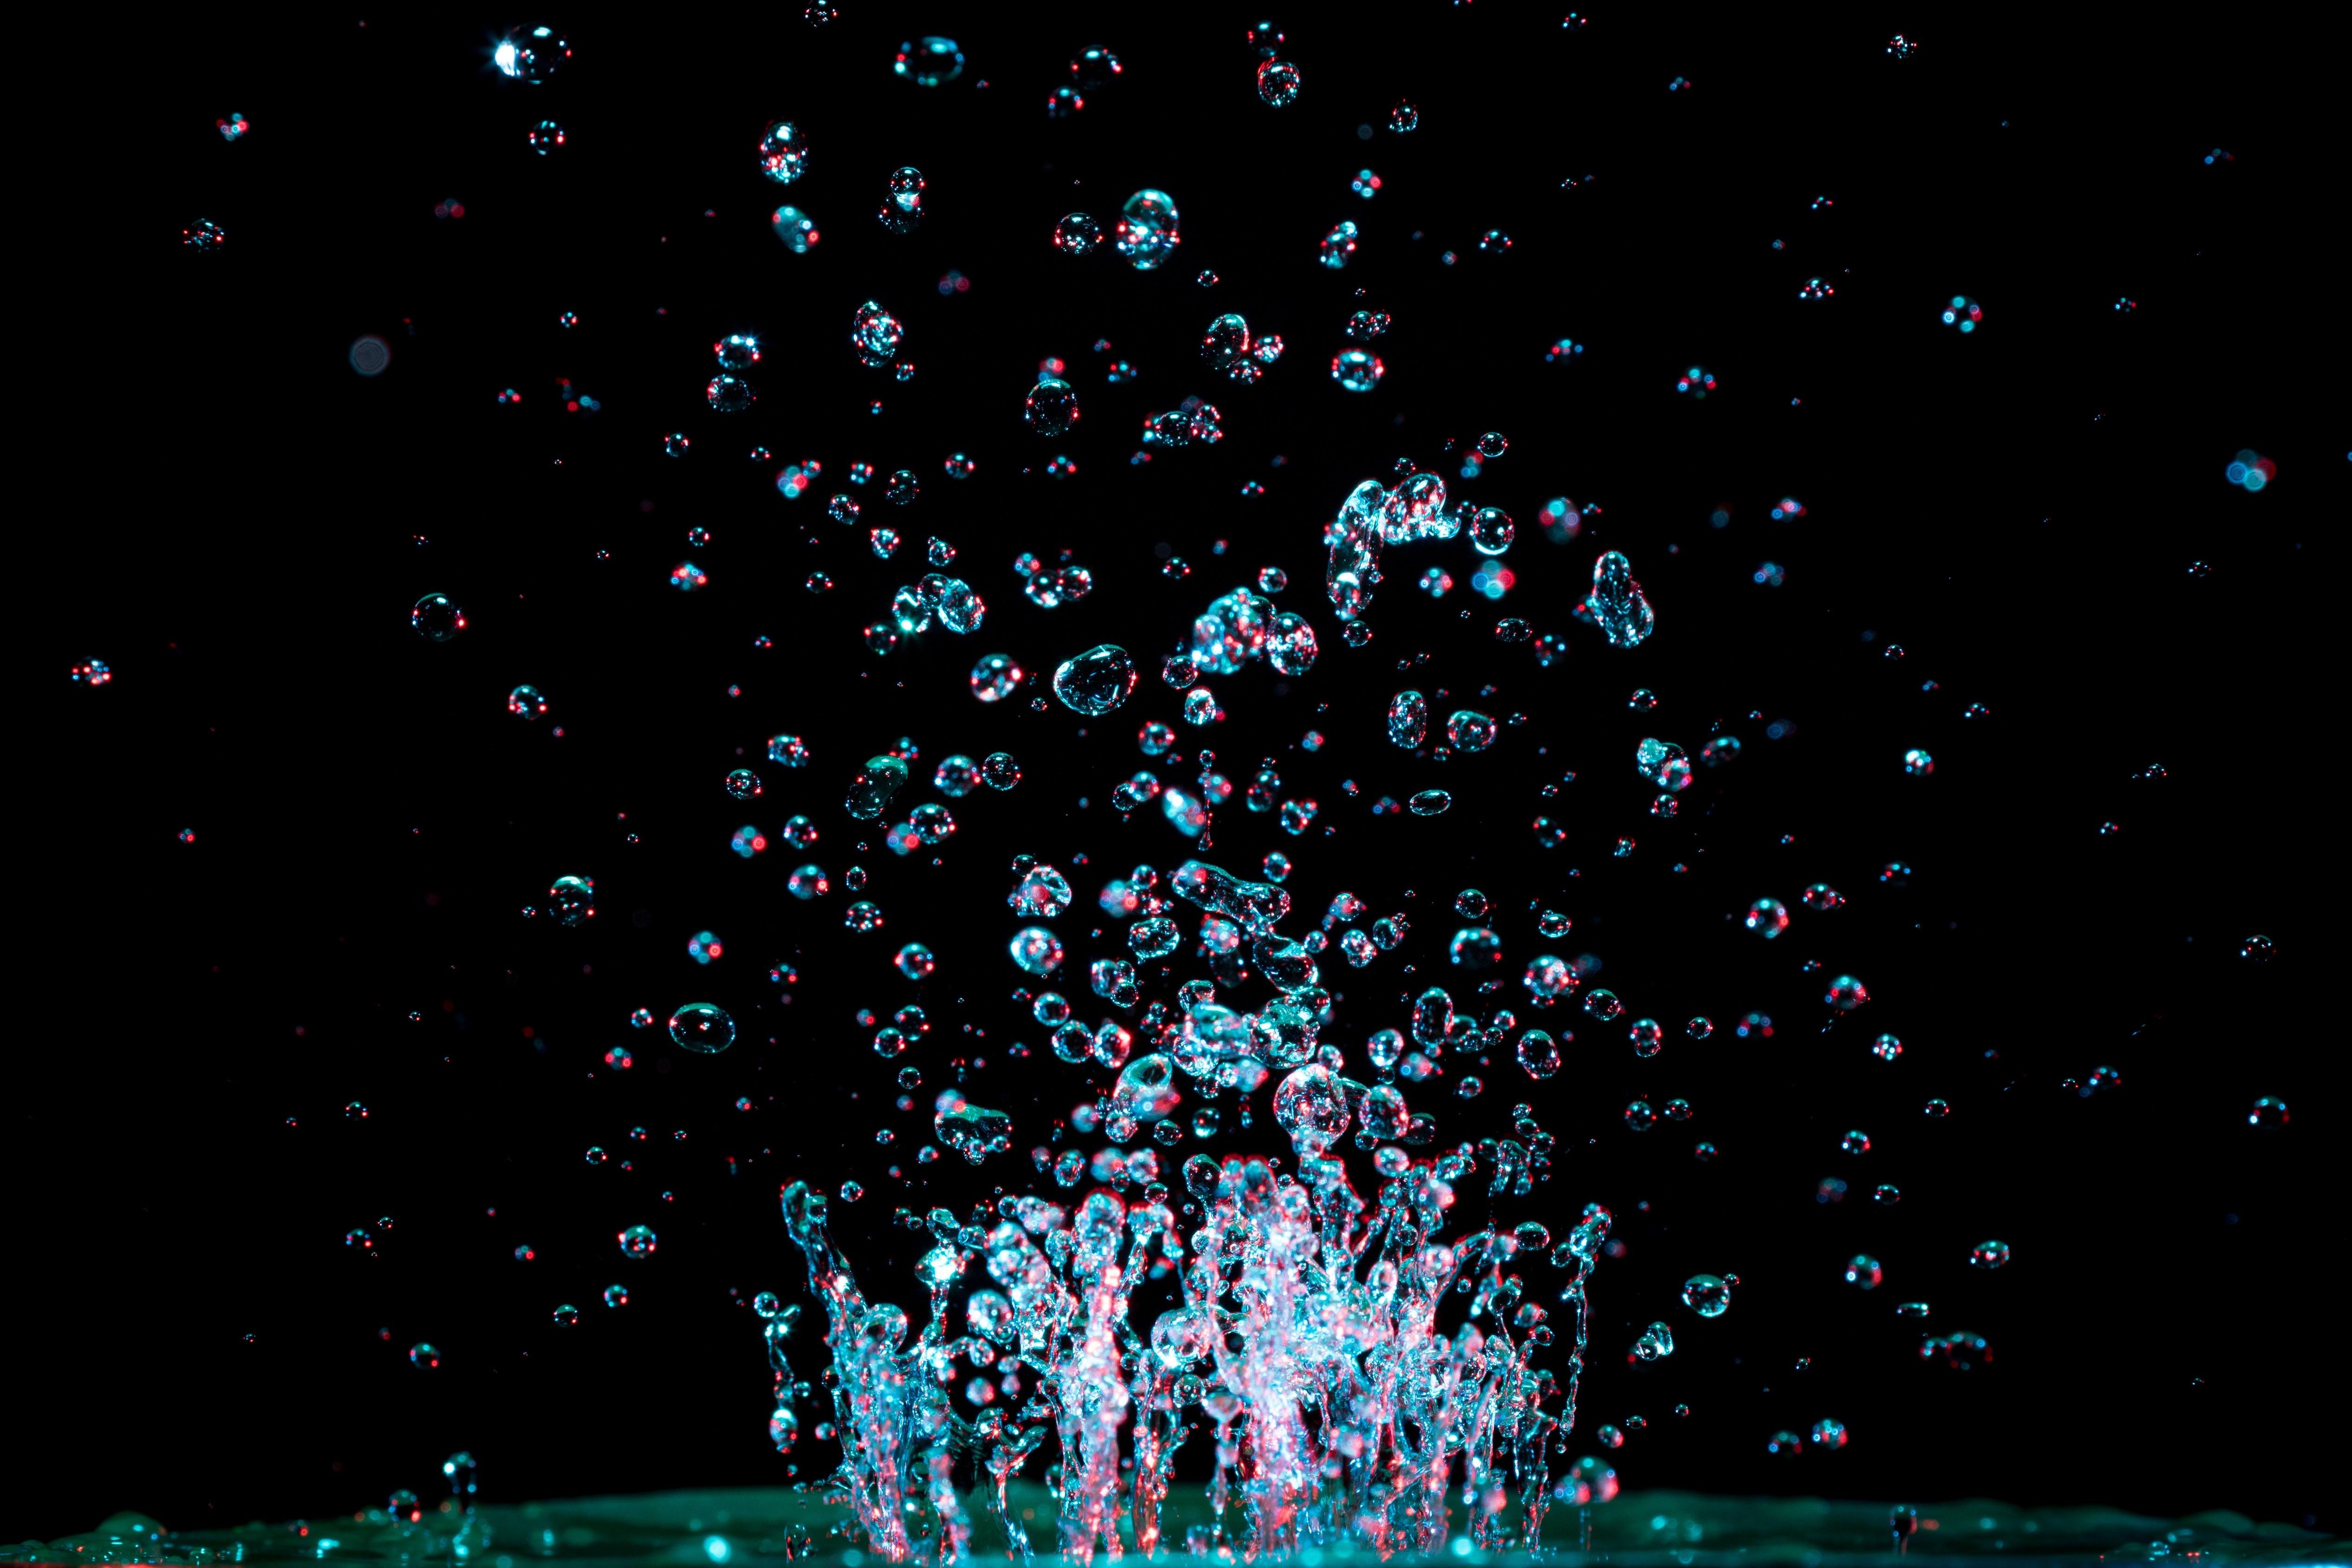 aigua, bombolla, brillant